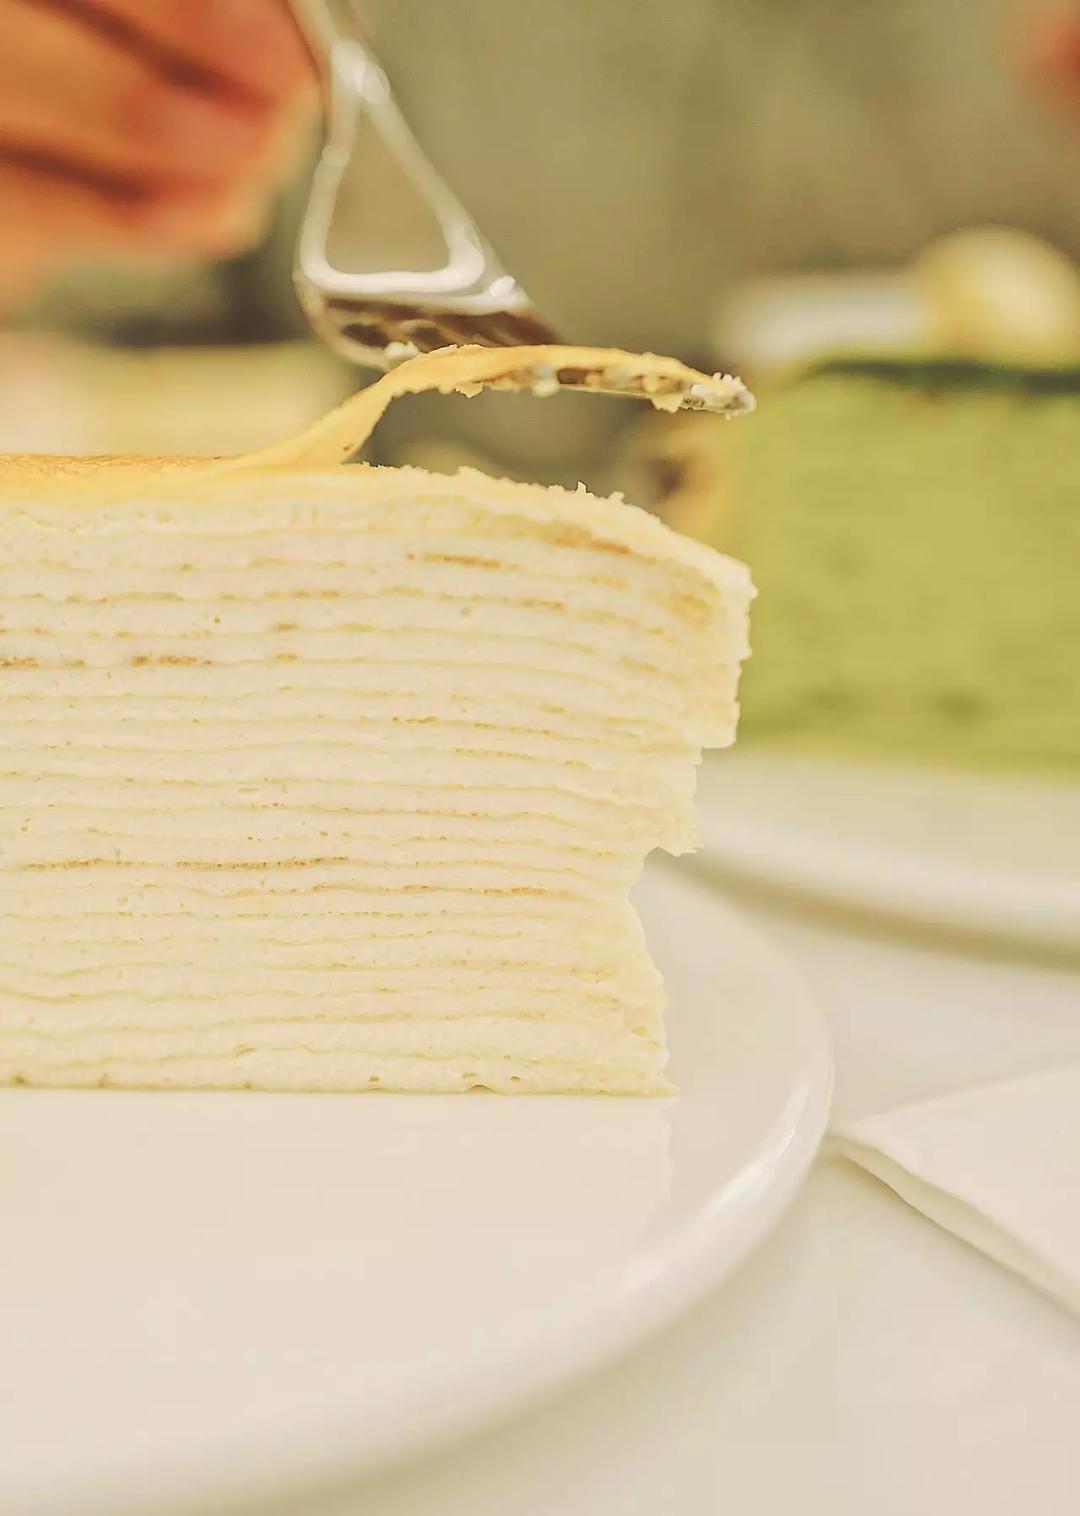 【Lady M】經典原味千層蛋糕 6寸 1 個 - 華人生鮮第一站